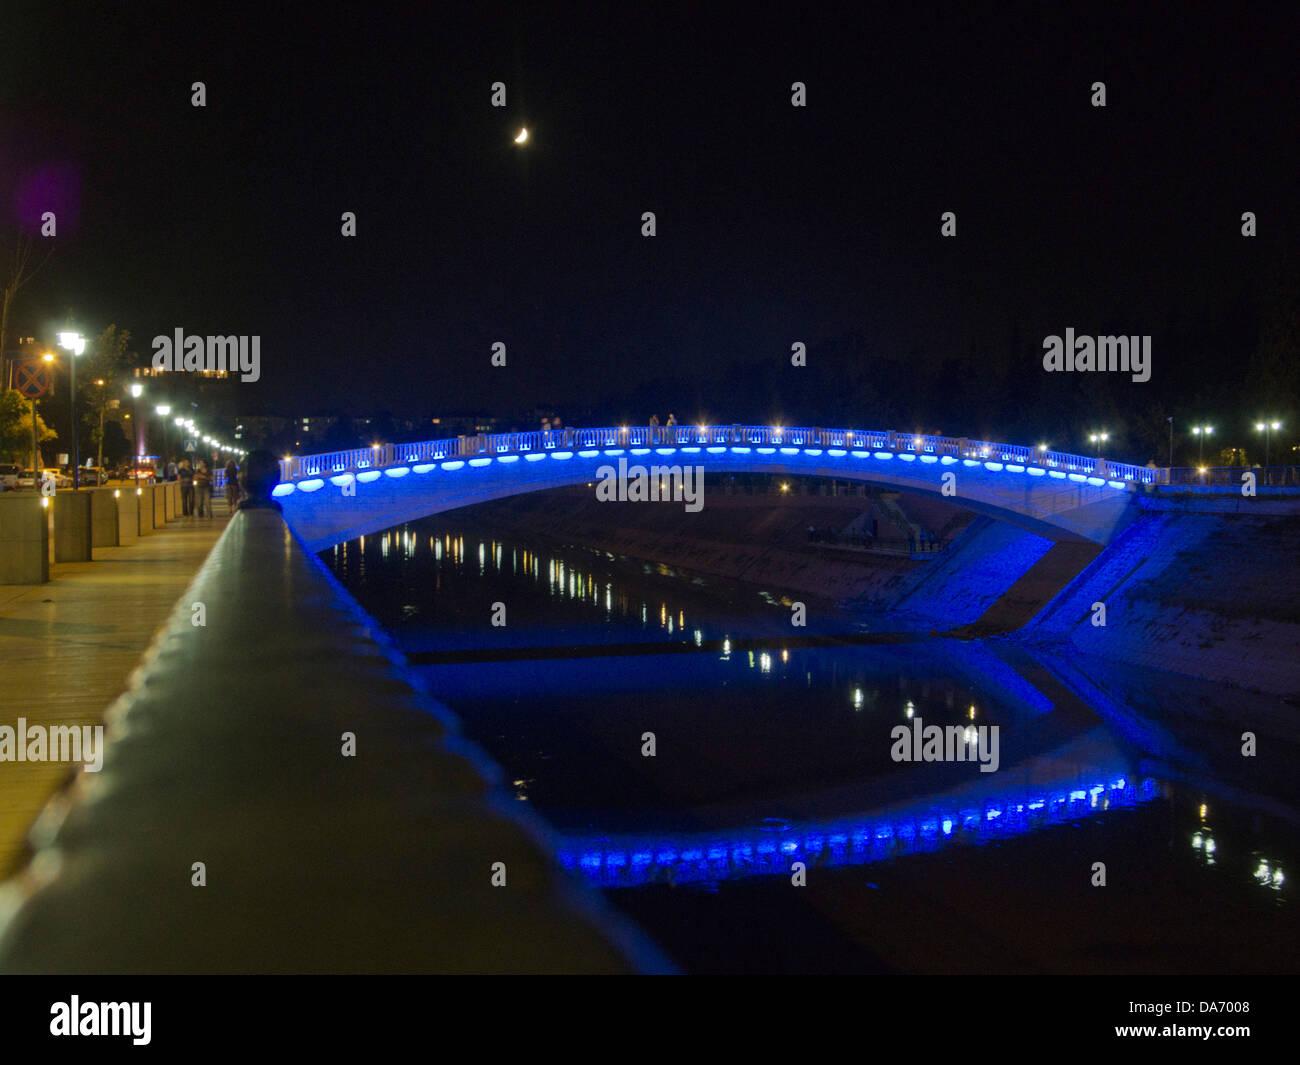 Türkei, Provinz Hatay, Antakya, Brücke über den Fluss Asi (Orontes) - Stock Image